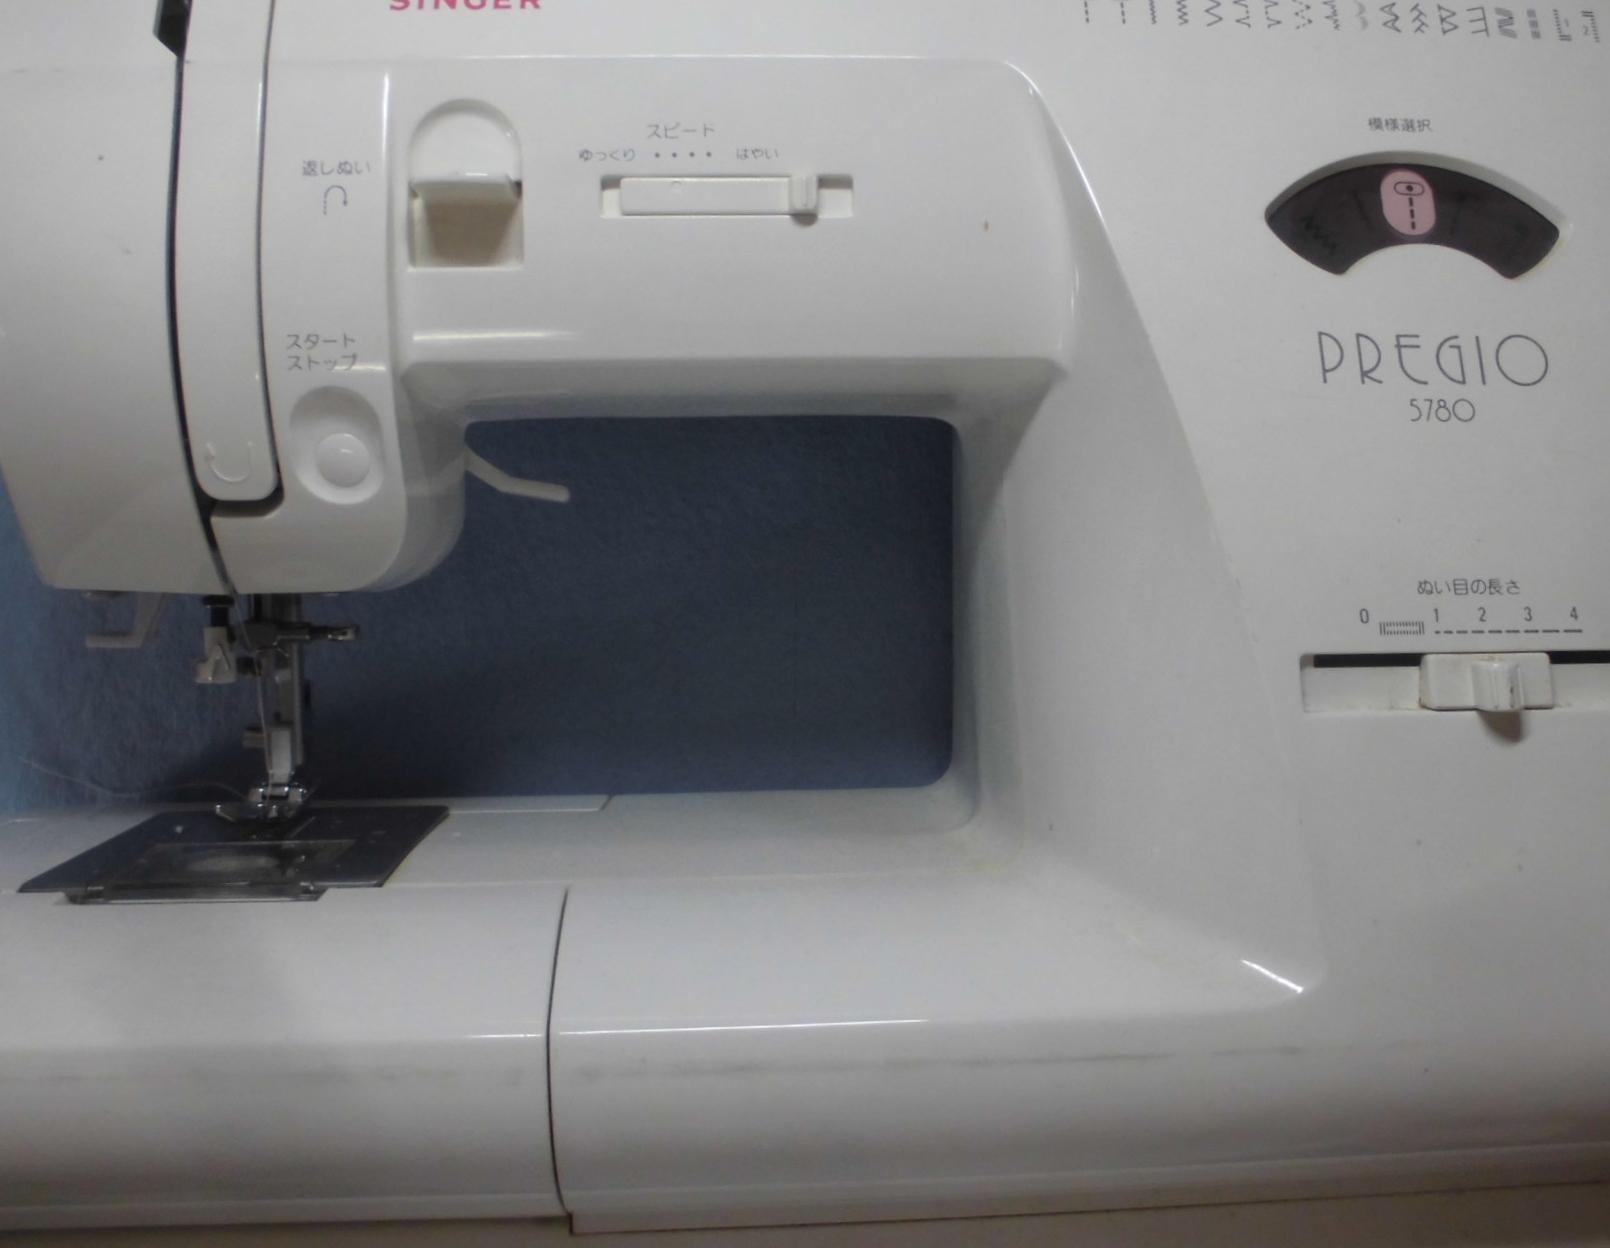 シンガーミシン修理|プレジオ5780|スタートボタンを押しても動かない、縫えない、固着